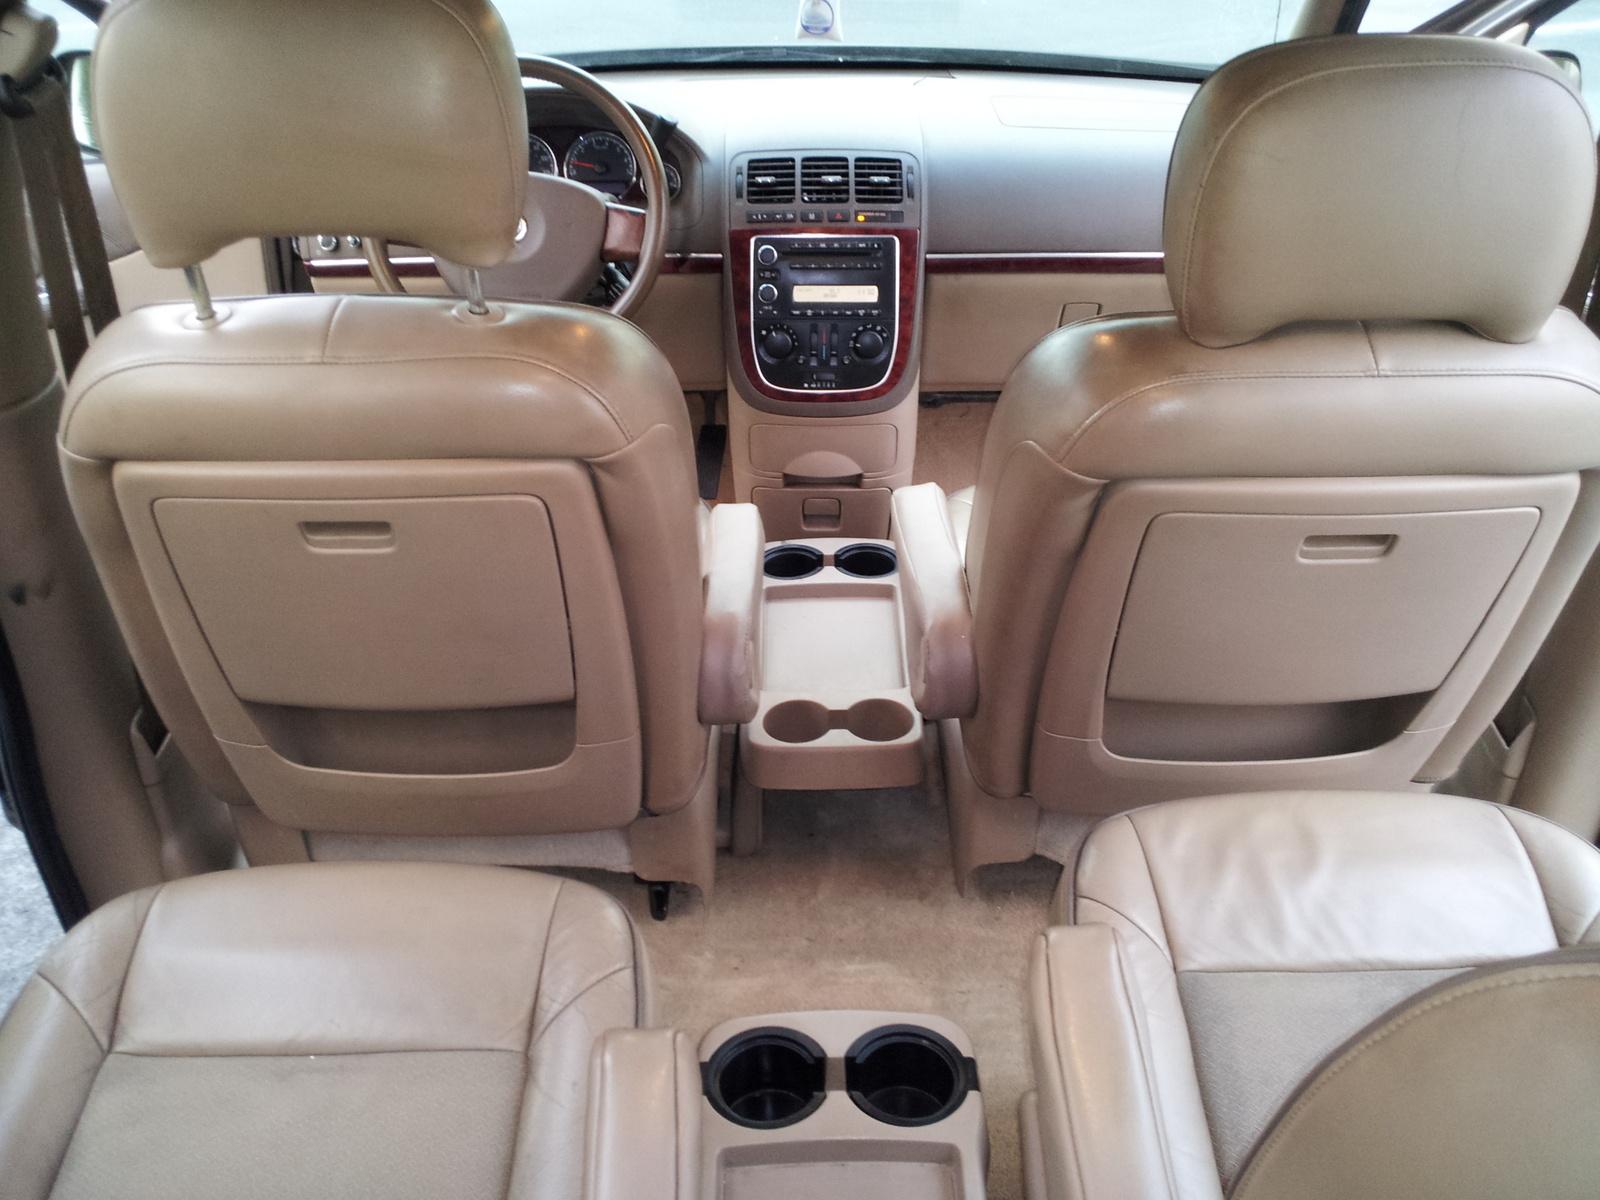 2007 Buick Lucerne Cxl >> 2005 Buick Terraza - Interior Pictures - CarGurus